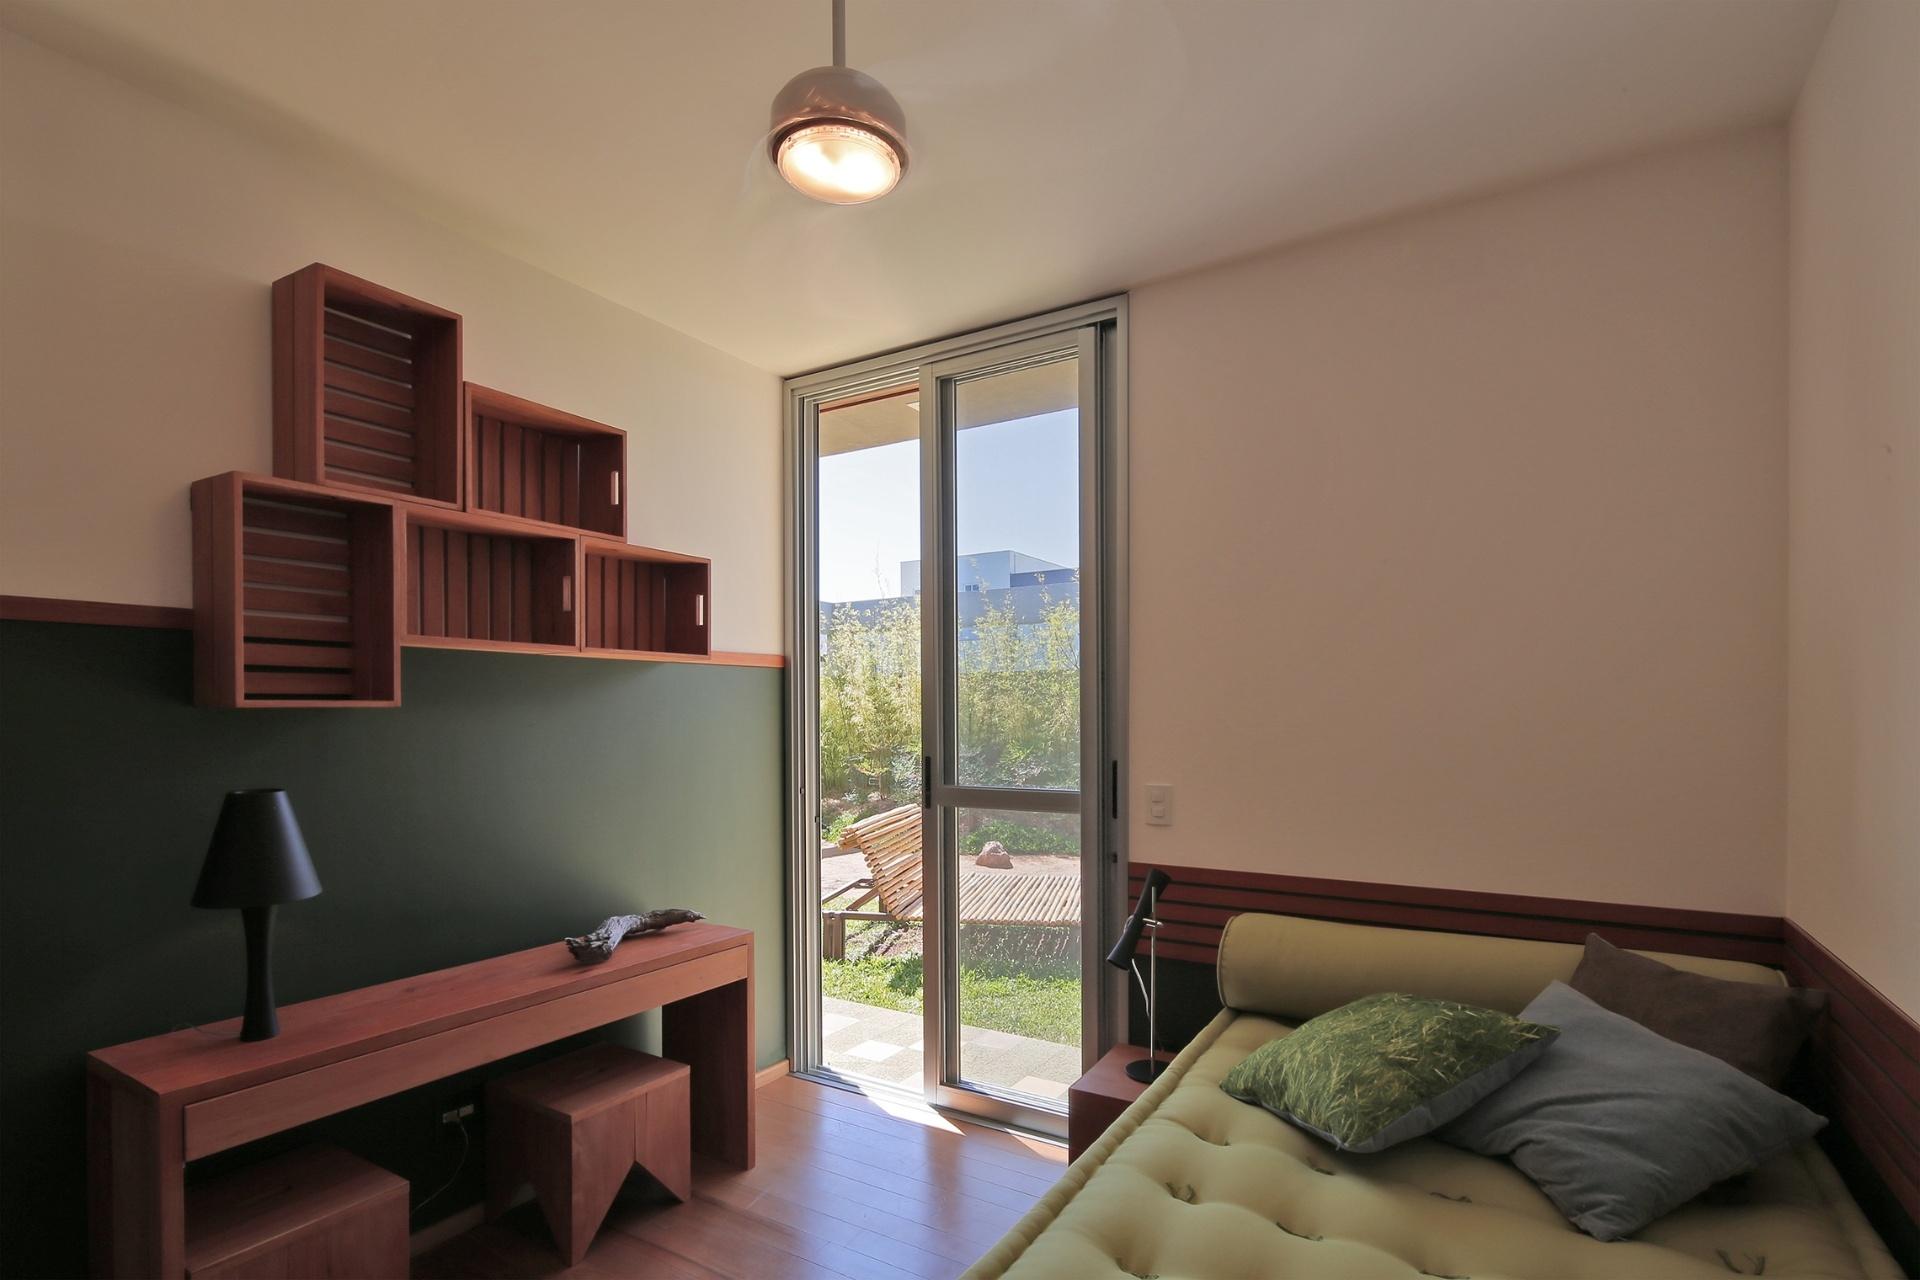 Todos os dormitórios se comunicam com pátio interno através de portas de correr. O piso é de tábuas de madeira cumaru e os móveis foram quase todos projetados pelo escritório Drucker Arquitetos Associados, que também assina a arquitetura da casa Madrid, em Marília (SP)